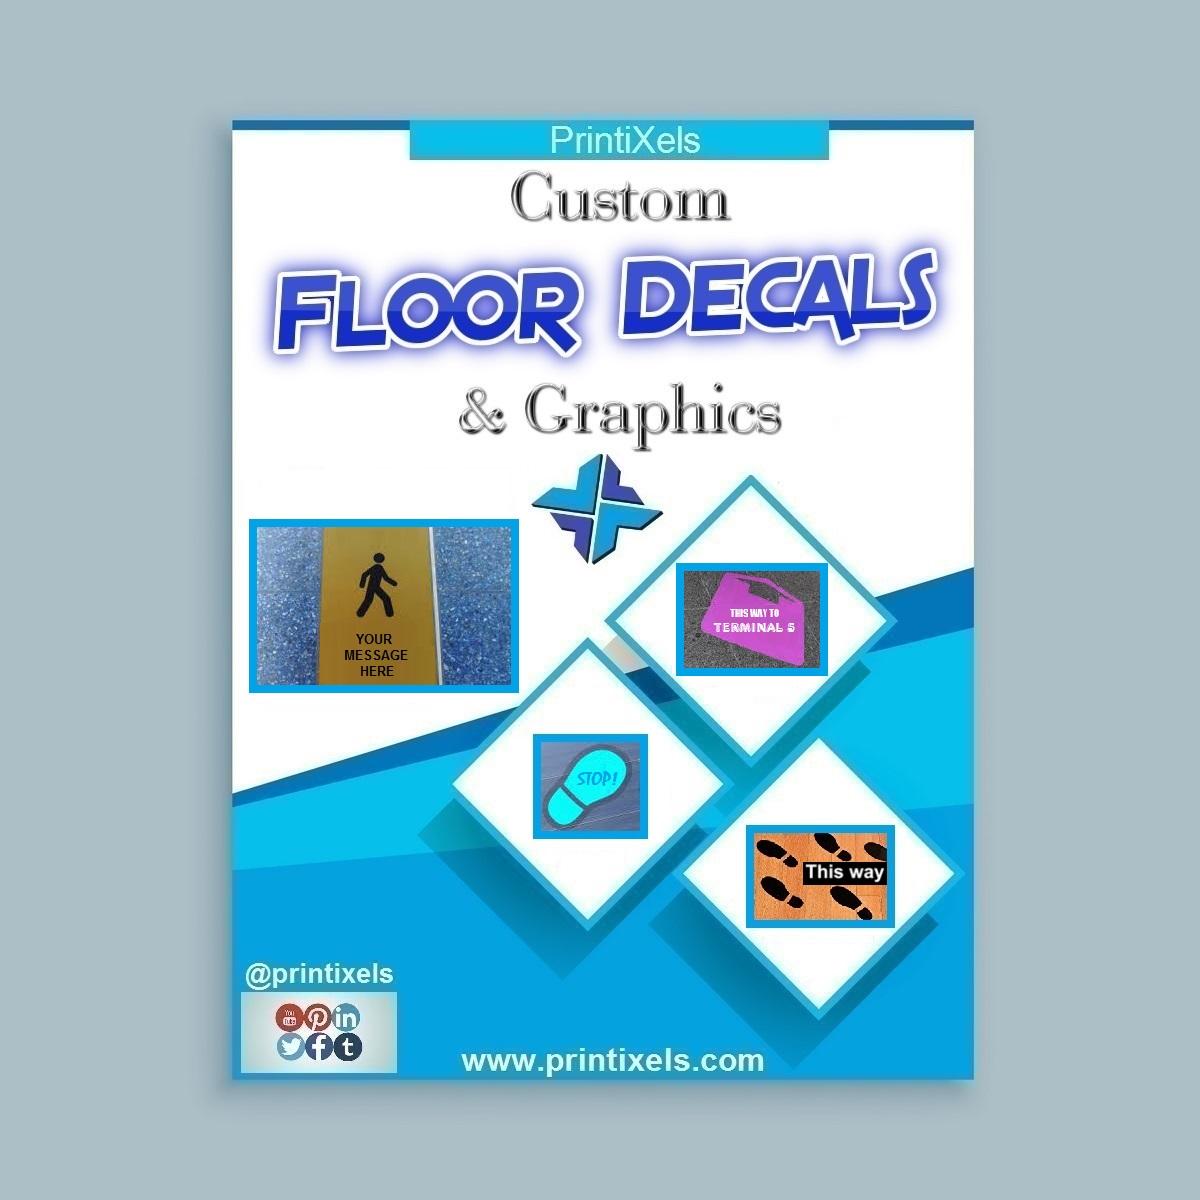 Custom Floor Decals & Graphics